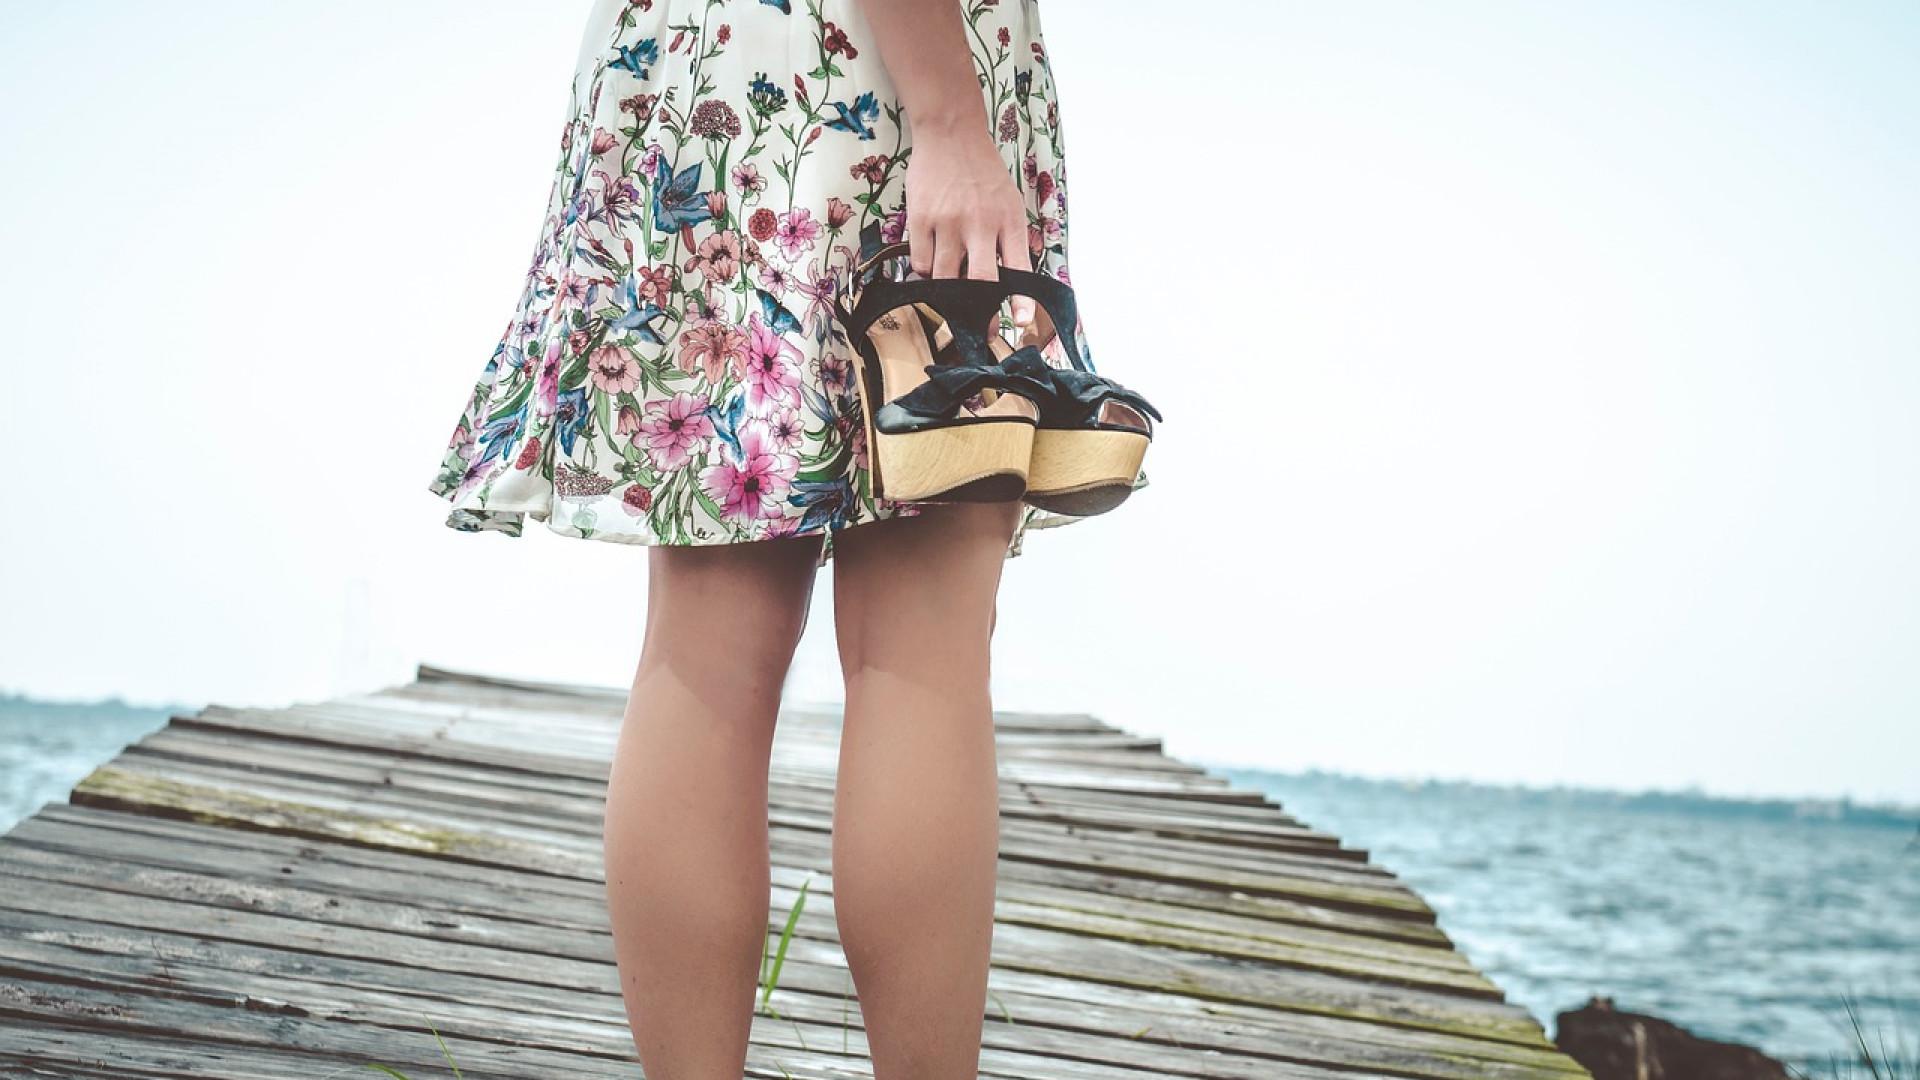 e017ff6953c69aa2e7a1970b77e1c07c - Quelques astuces pour améliorer l'épilation de vos jambes